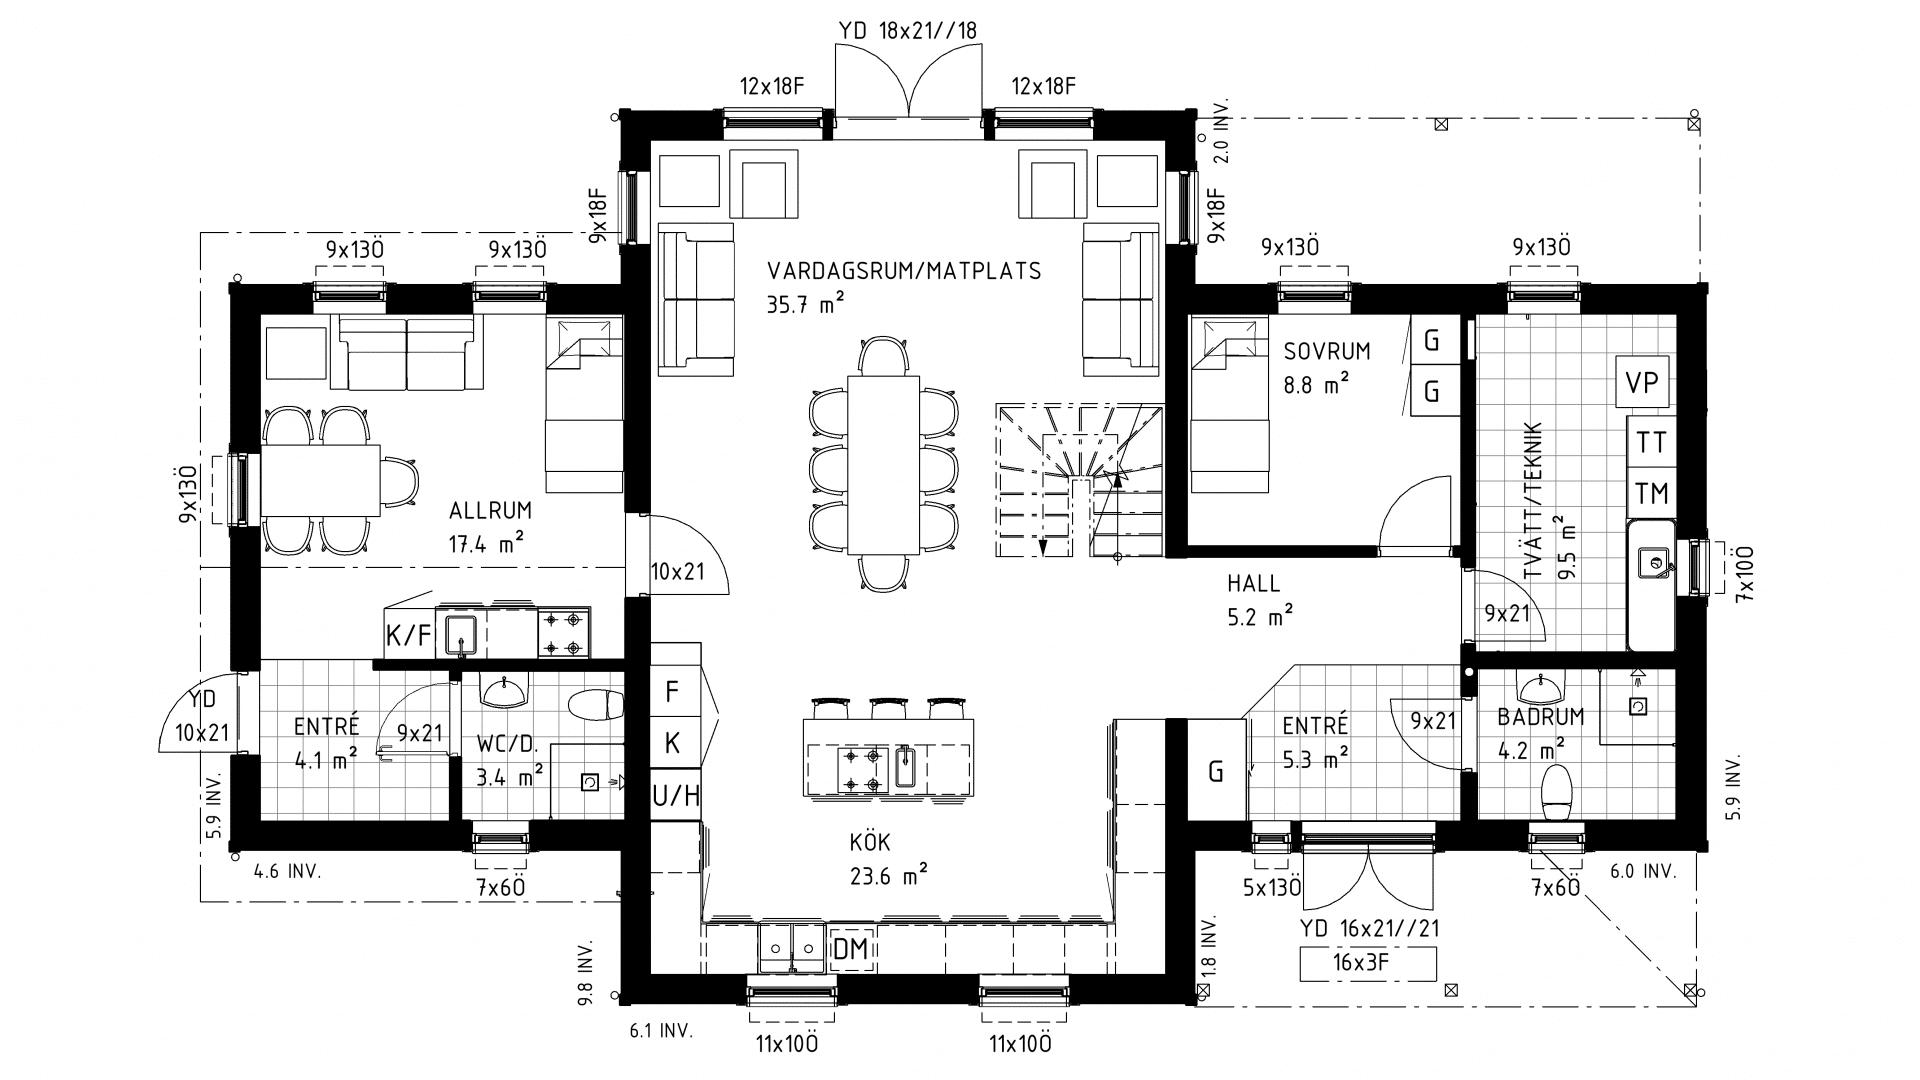 Sundqvist_Plan 1